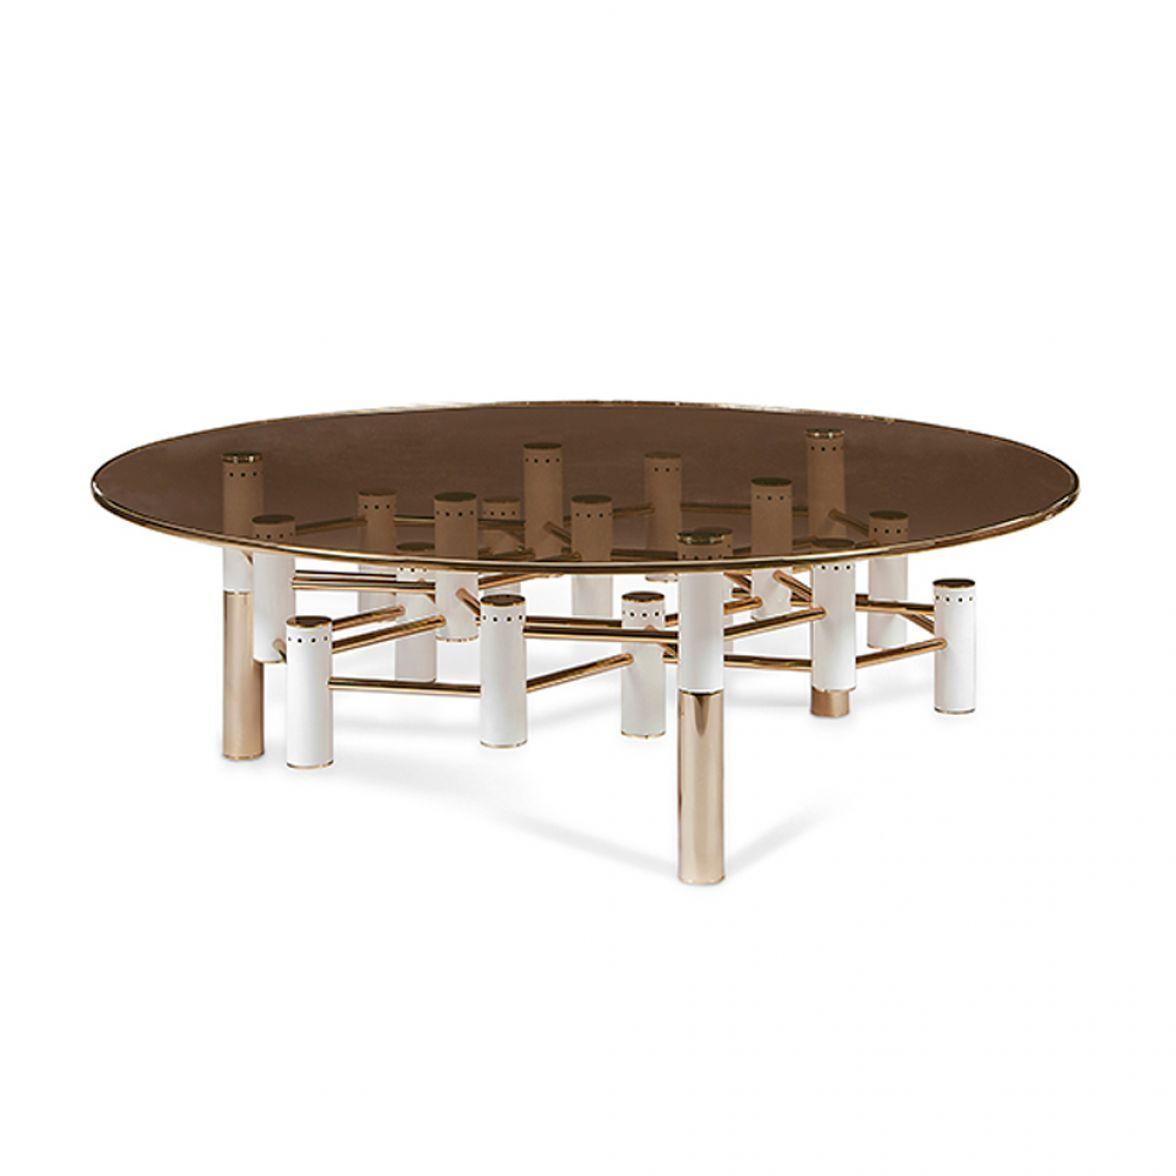 Konstantin center table